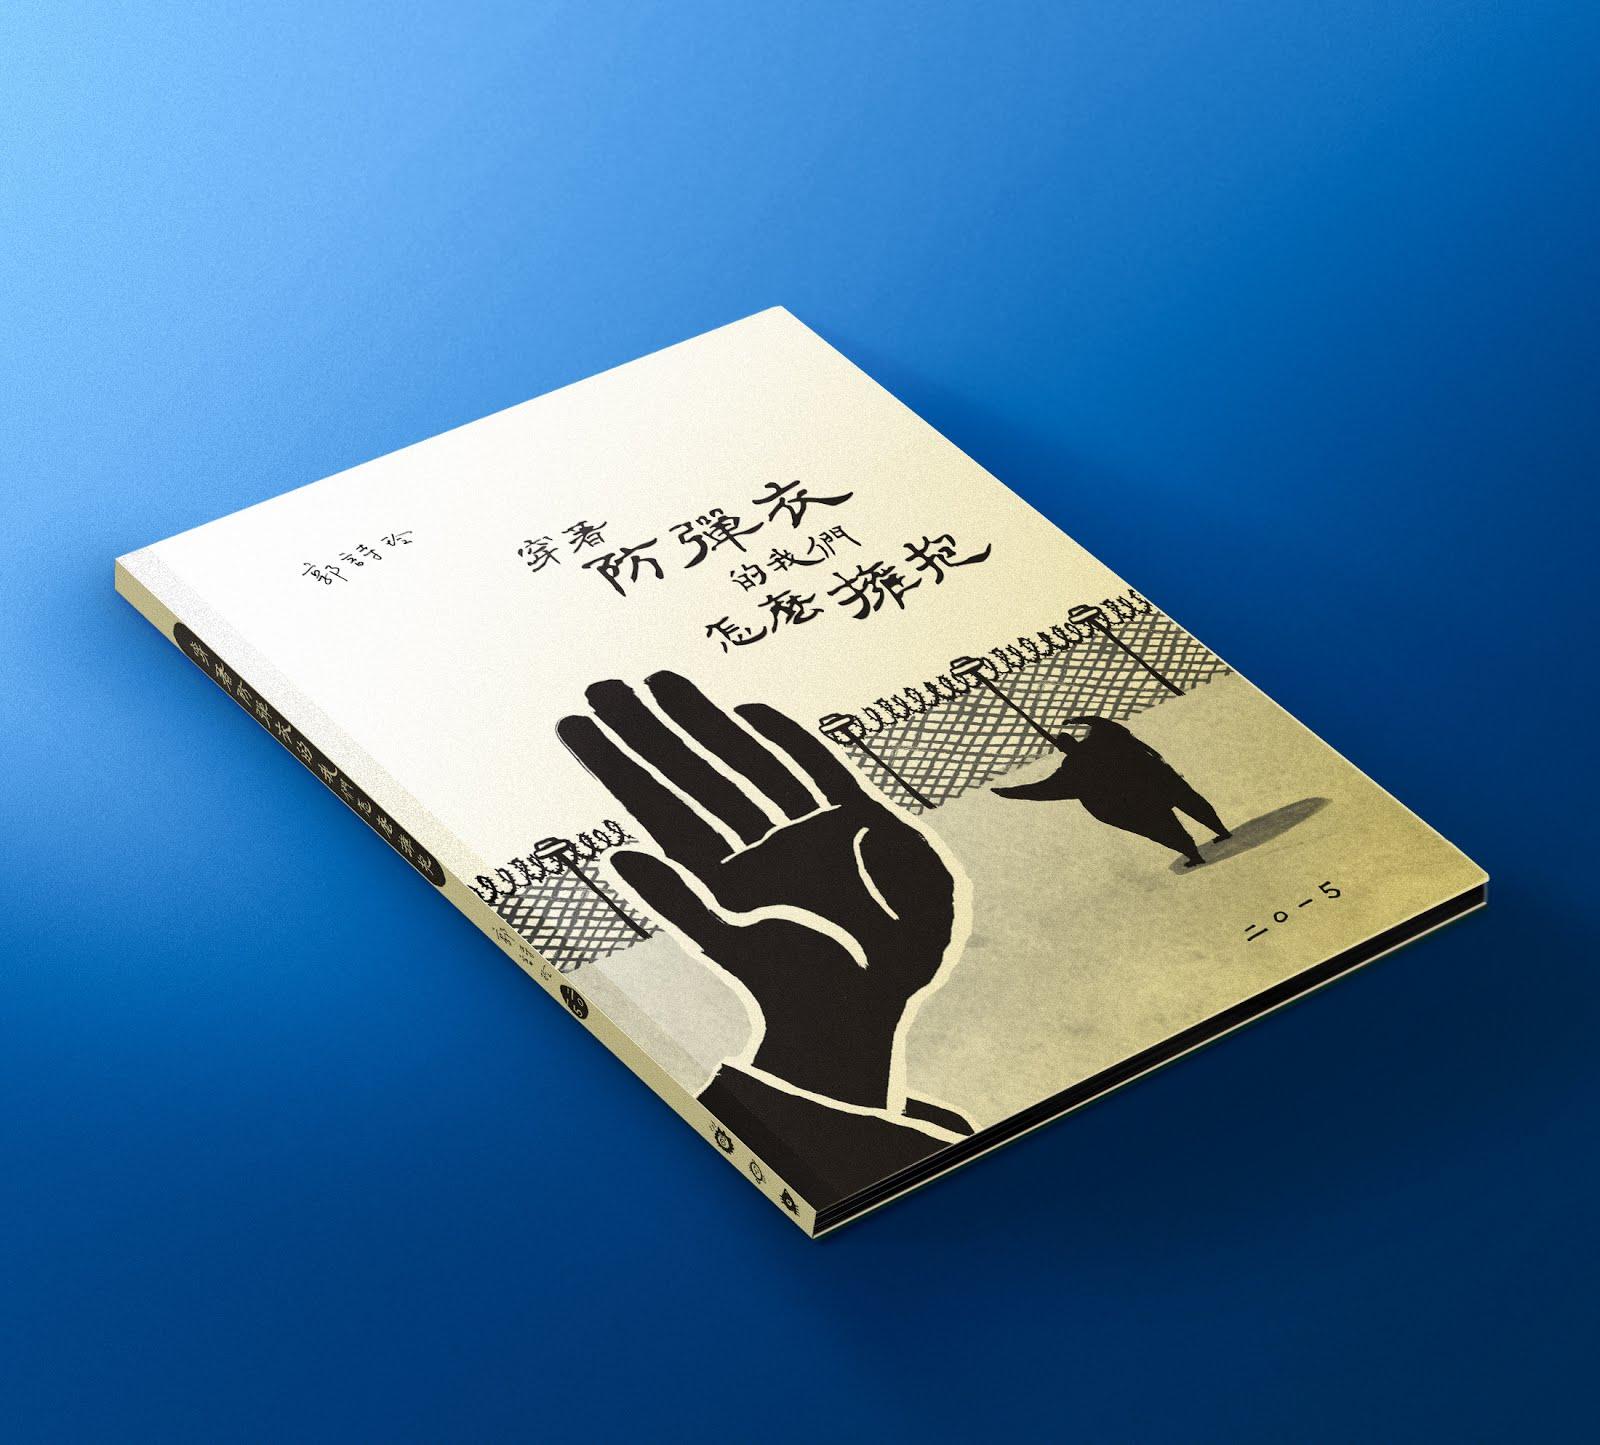 第2本诗集《穿着防弹衣的我们怎么拥抱》(新加坡:自行出版,2015年7月)